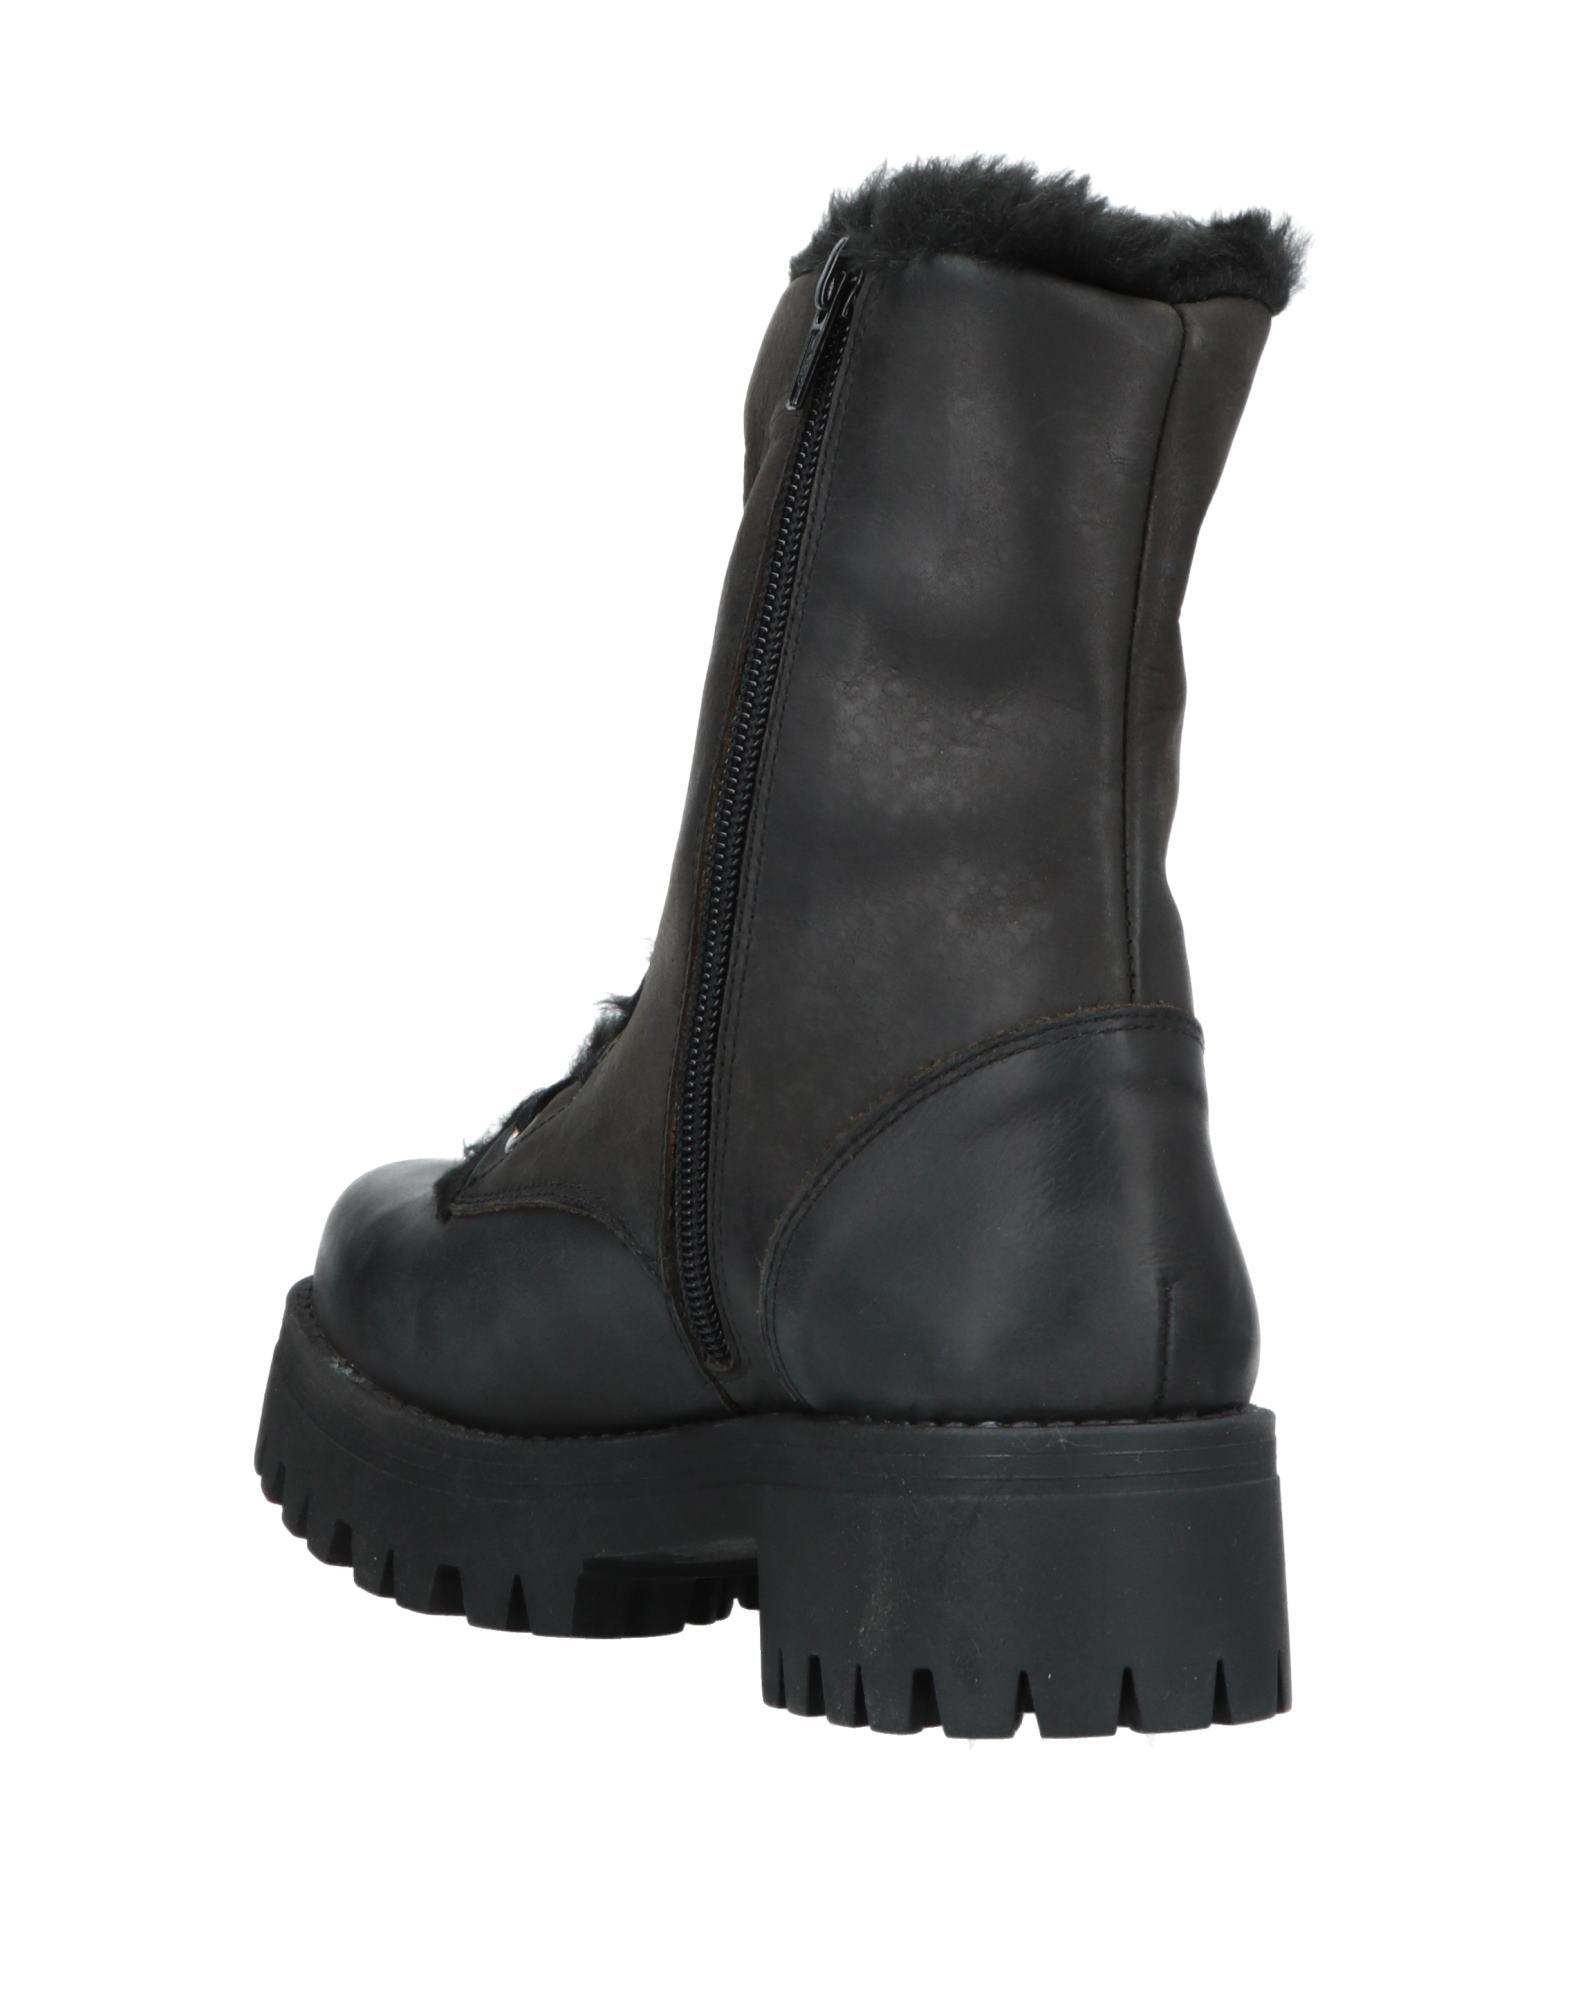 Mtng Stiefelette Damen  11541690PU Gute Qualität beliebte Schuhe Schuhe Schuhe 6066c6